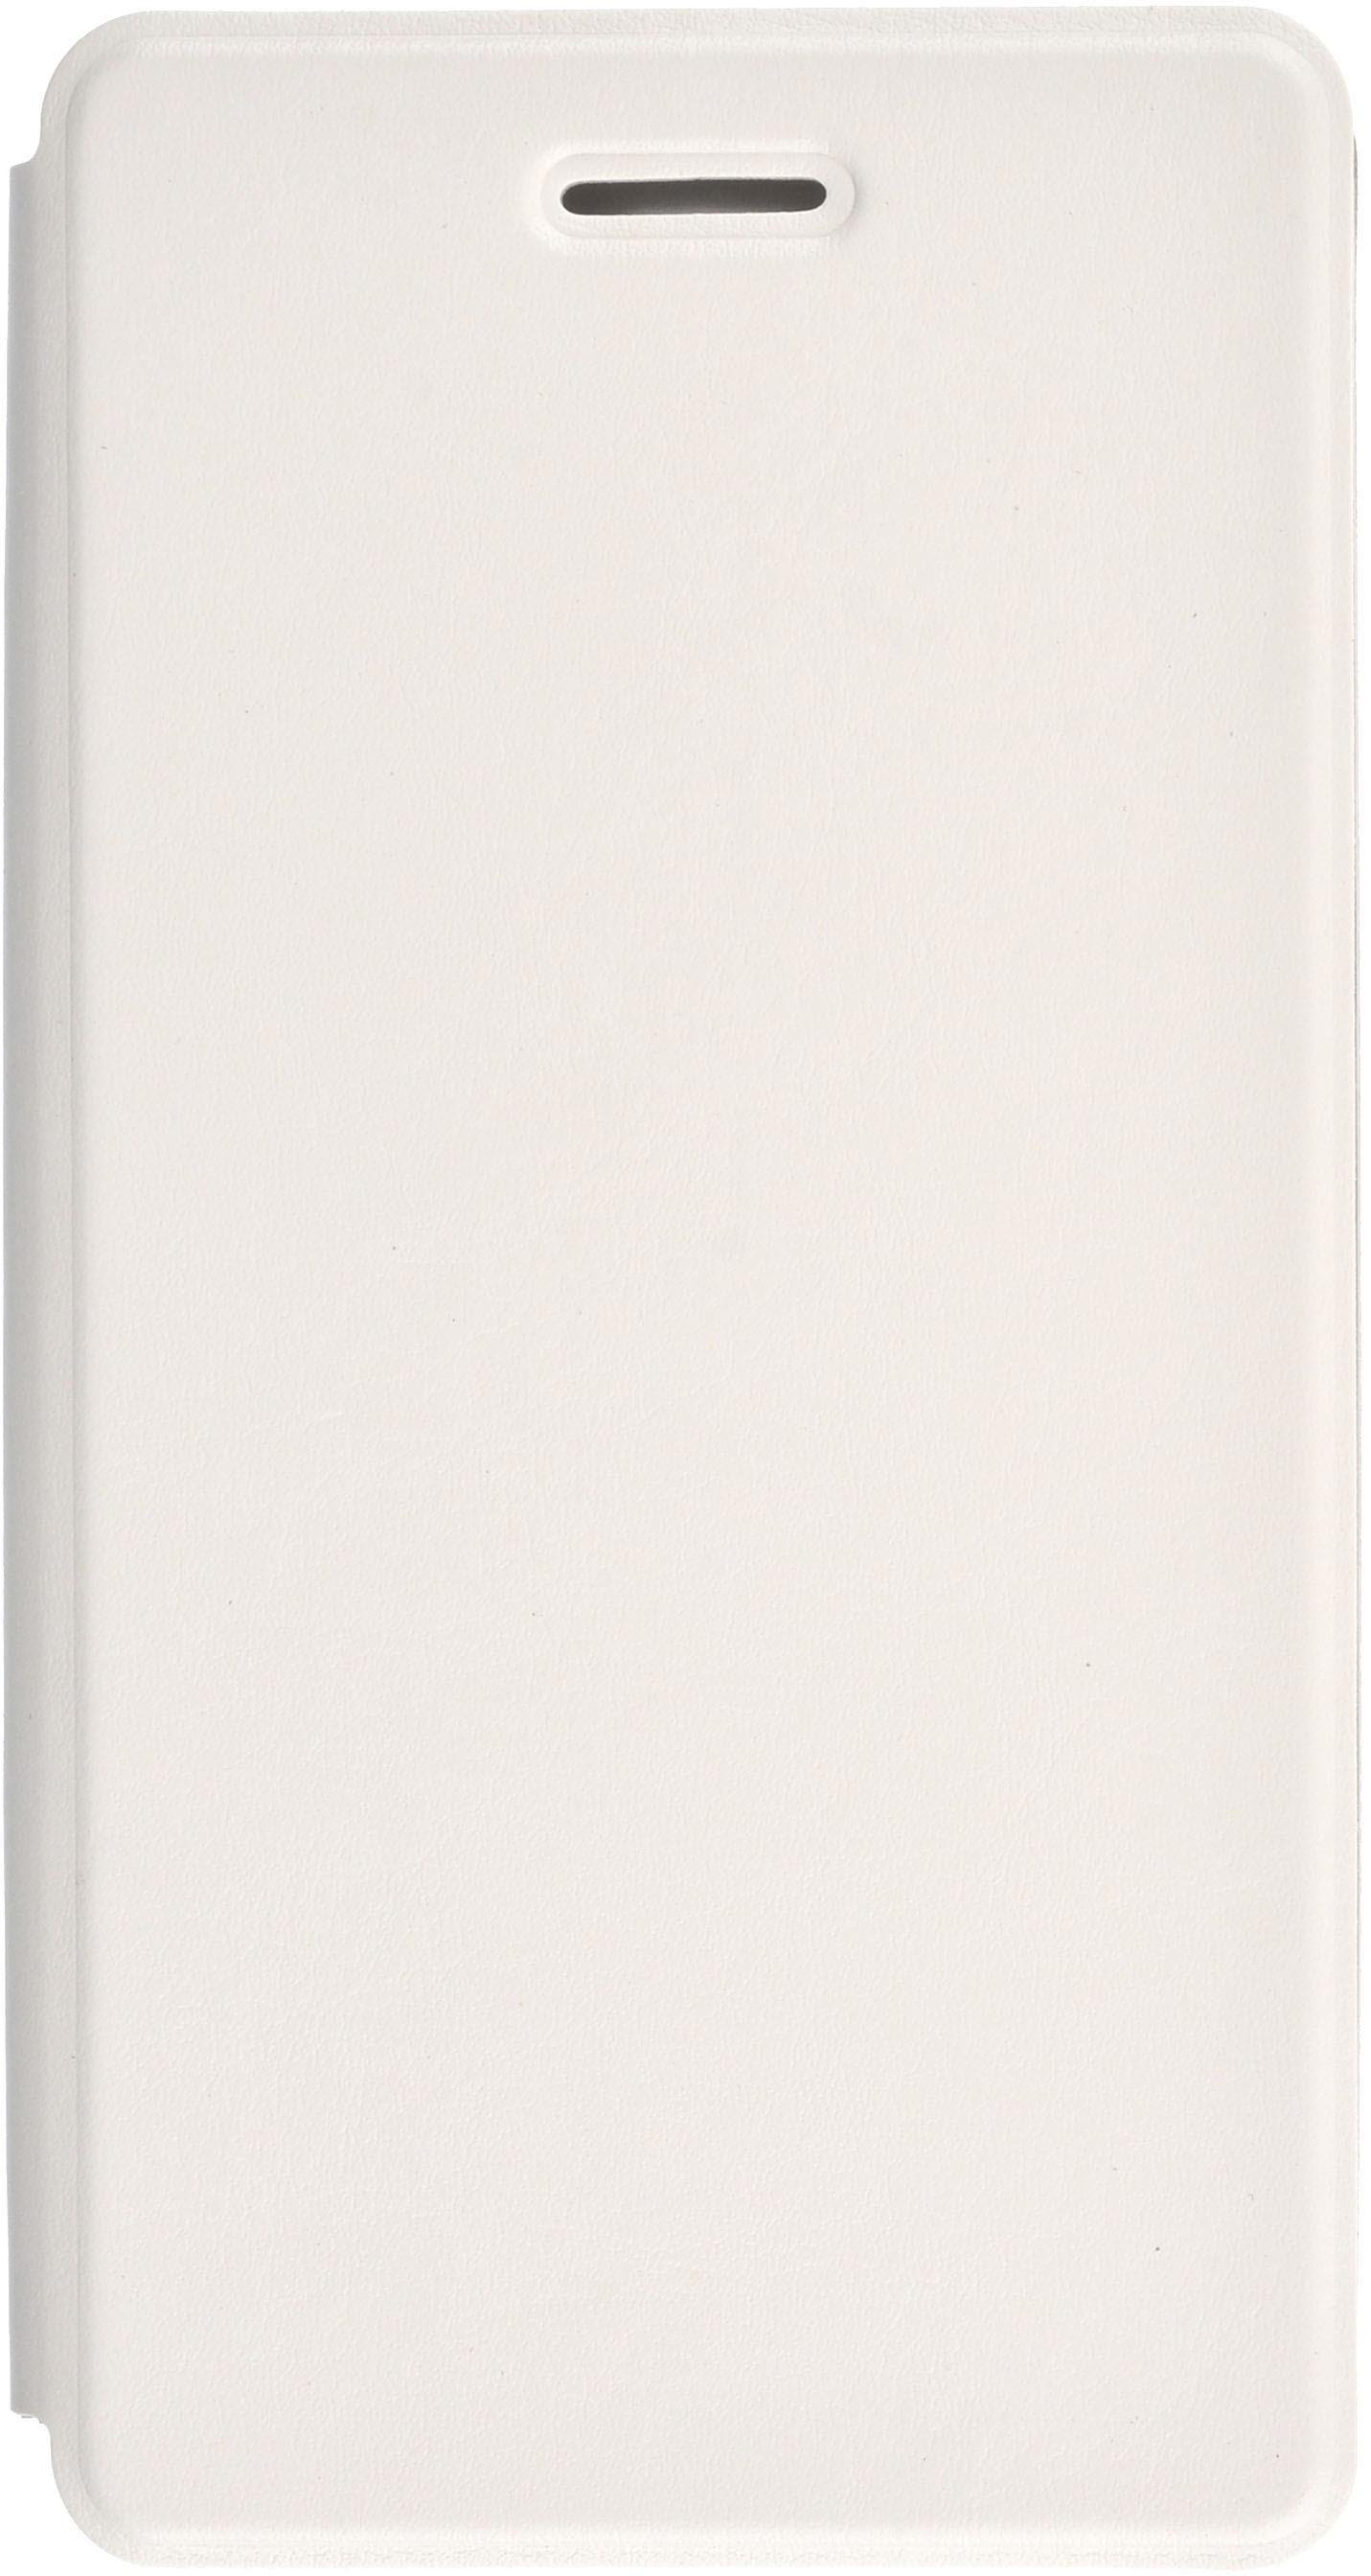 Чехол для сотового телефона skinBOX Lux, 4630042527669, белый nokia cc 3096 чехол для lumia 435 532